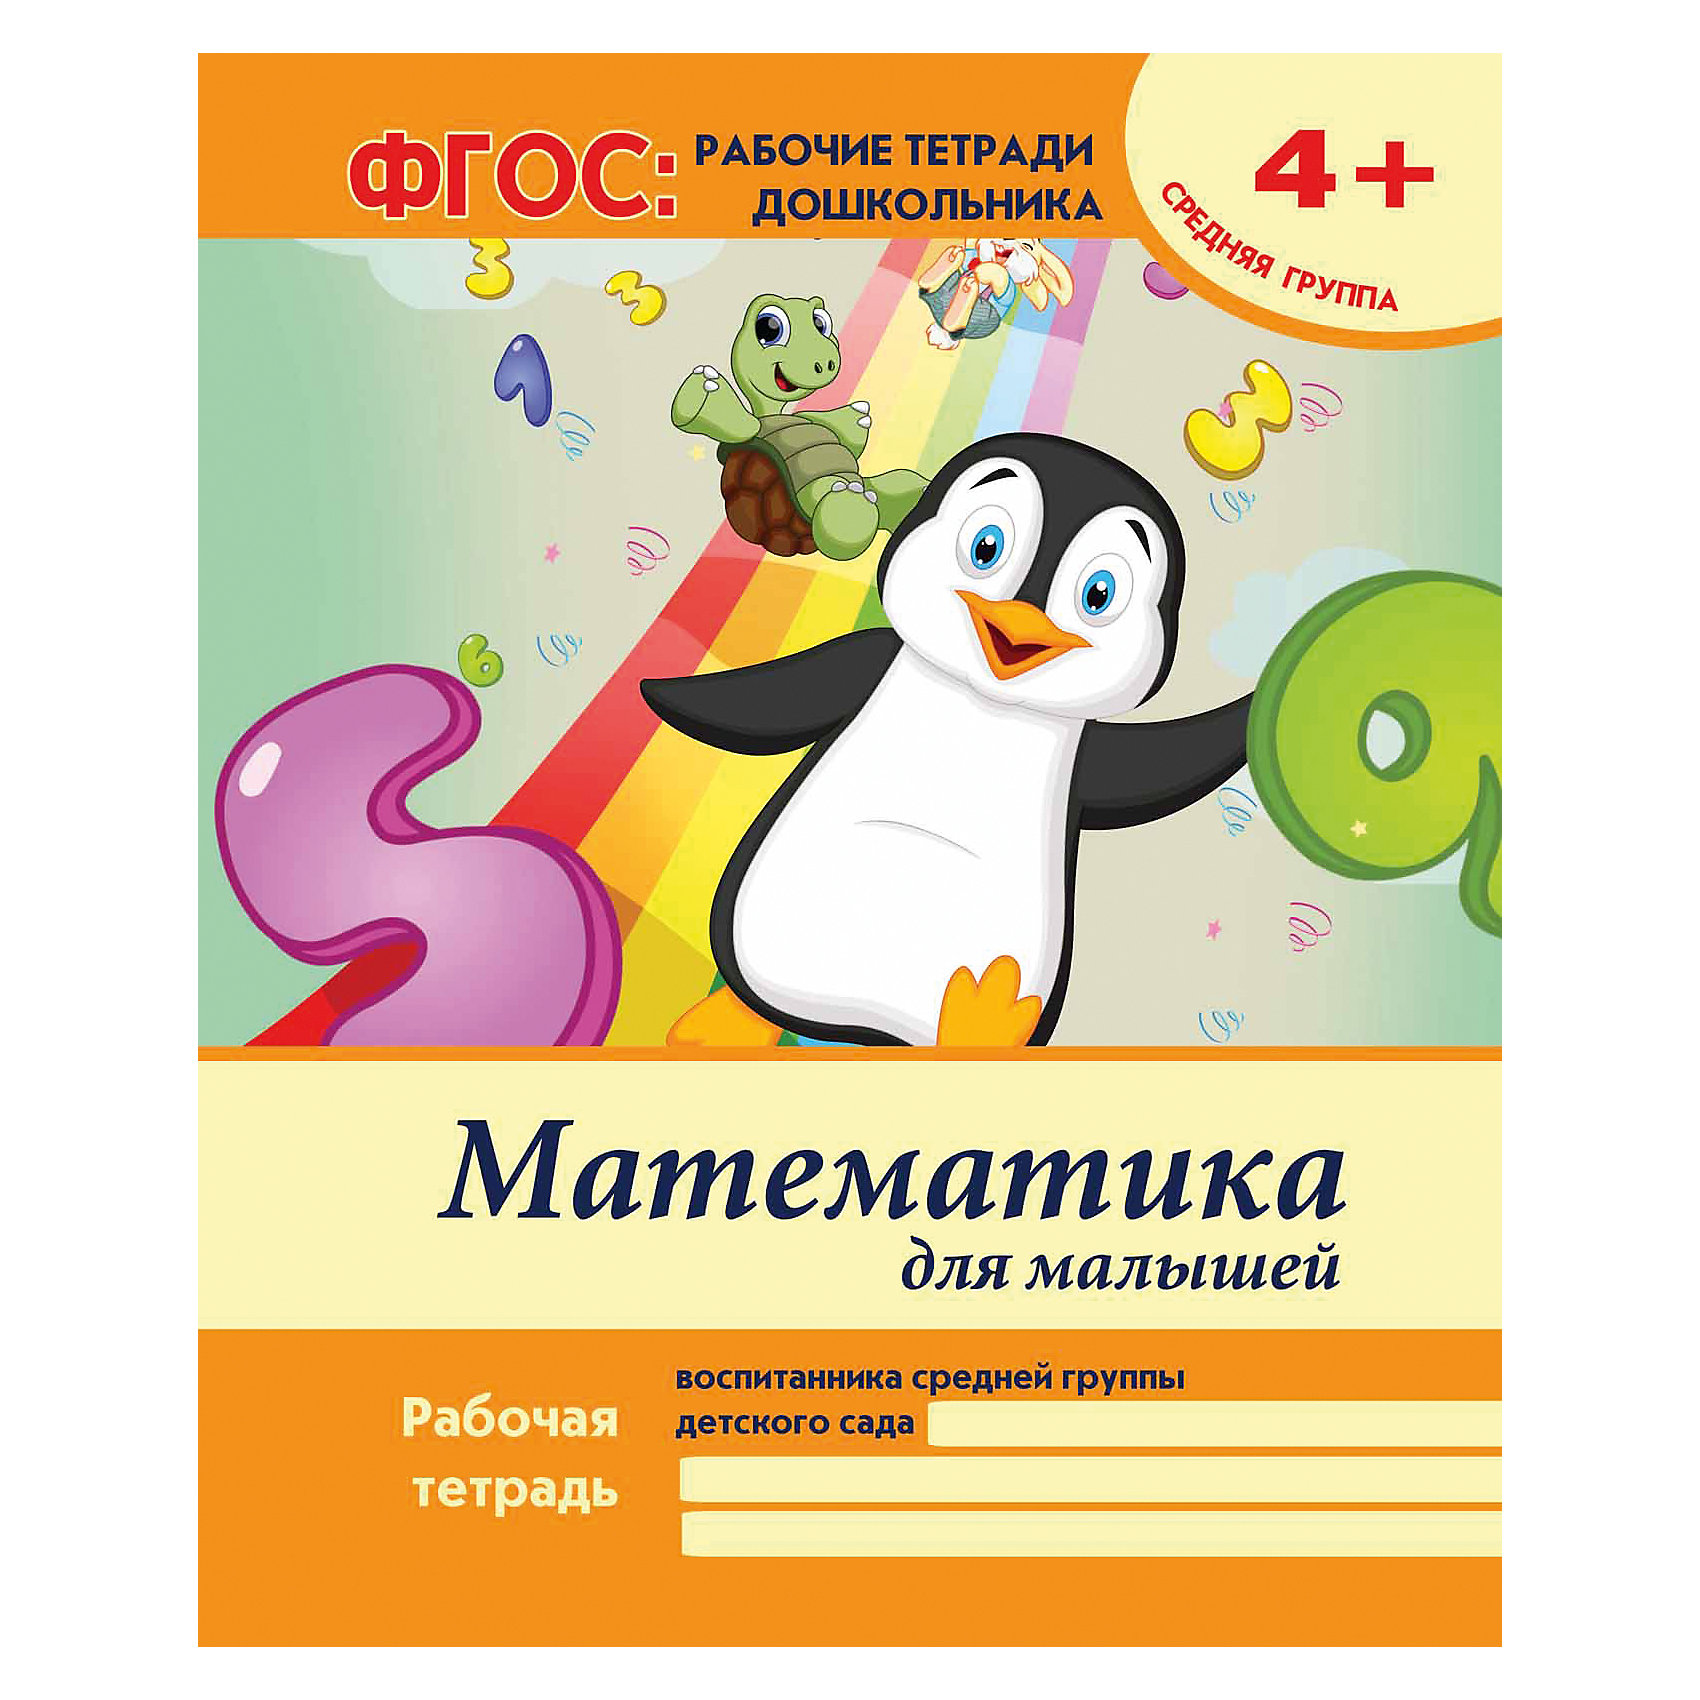 Рабочая тетрадь Математика для малышейПособия для обучения счёту<br>Характеристики товара: <br><br>• ISBN: 9785222287491; <br>• возраст: от 4 лет;<br>• формат: 84*108/16; <br>• бумага: офсет; <br>• иллюстрации: цветные; <br>• серия: ФГОС: рабочие тетради дошкольника;<br>• издательство: Феникс; <br>• автор: Белых В.А.;<br>• количество страниц: 16; <br>• размер: 26х20 см;<br>• вес: 52 грамма<br><br>Издание «Рабочая тетрадь Математика для малышей» помогут ребенку закрепить знания о счете до 10 и научит составлять числа из цифр. В тетради собраны упражнения на сложение, вычитание, соотношение цифр с количеством предметов.<br><br>«Рабочую тетрадь Математика для малышей», Феникс можно купить в нашем интернет-магазине.<br><br>Ширина мм: 260<br>Глубина мм: 200<br>Высота мм: 20<br>Вес г: 60<br>Возраст от месяцев: -2147483648<br>Возраст до месяцев: 2147483647<br>Пол: Унисекс<br>Возраст: Детский<br>SKU: 5464510